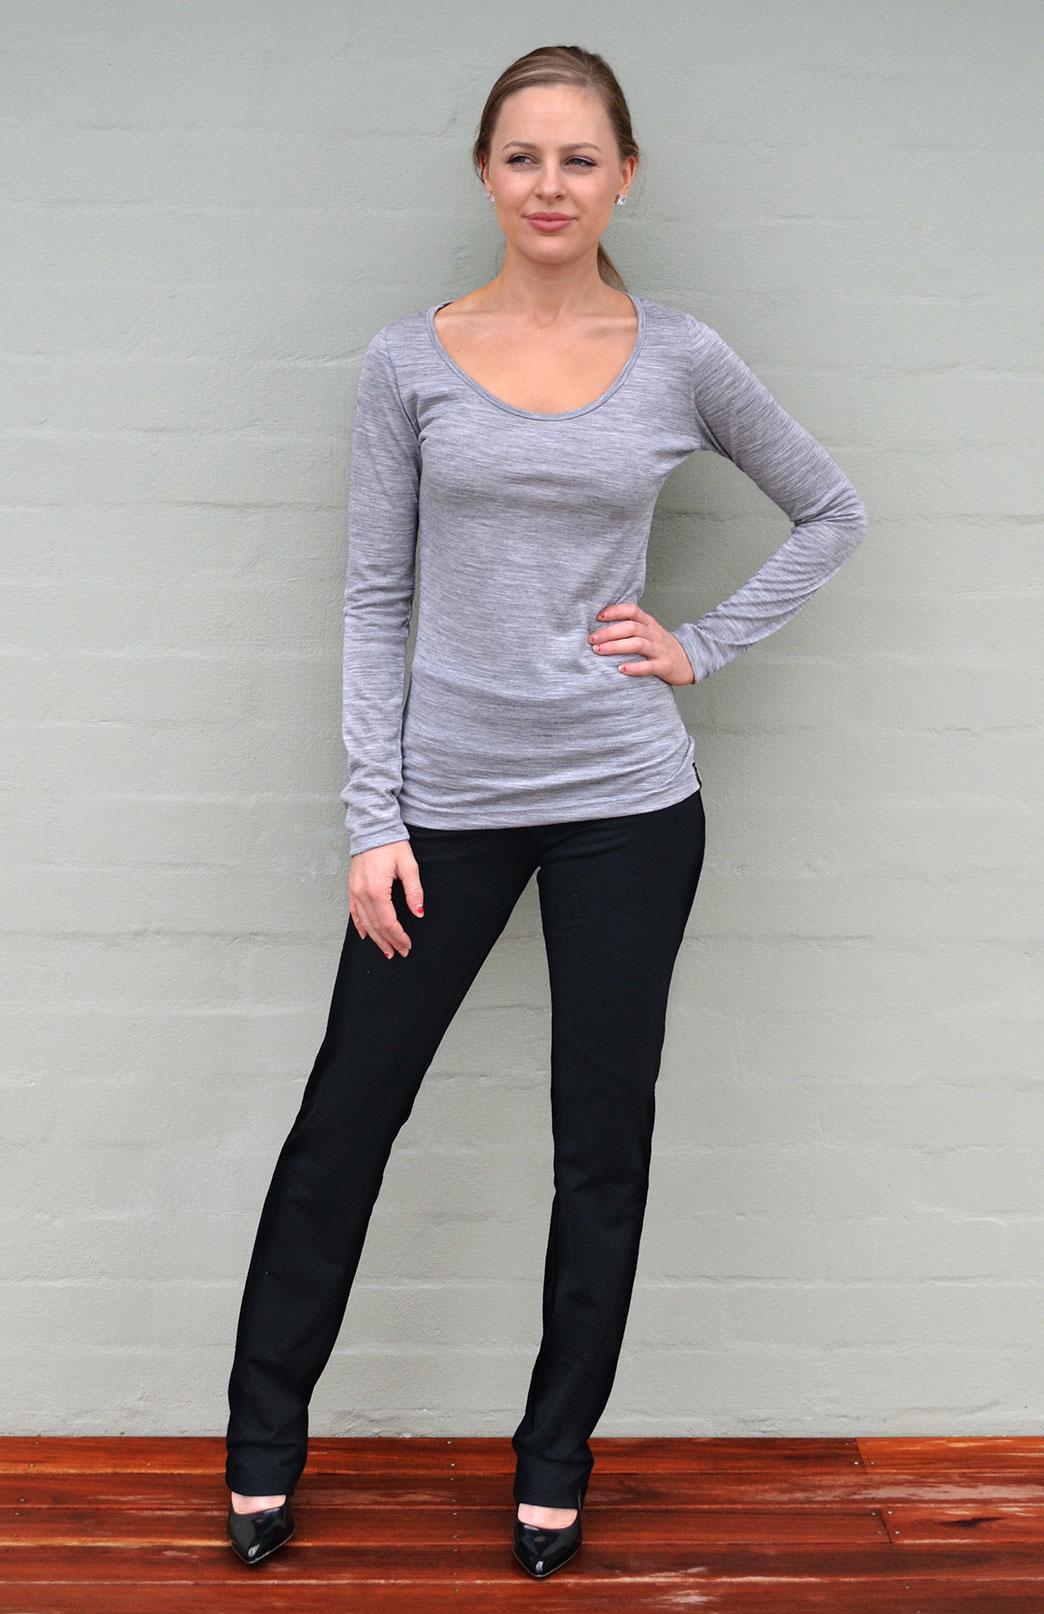 Straight Leg Pants - Lightweight - Women's Black Lightweight Wool Straight Leg Pants with wide waistband - Smitten Merino Tasmania Australia